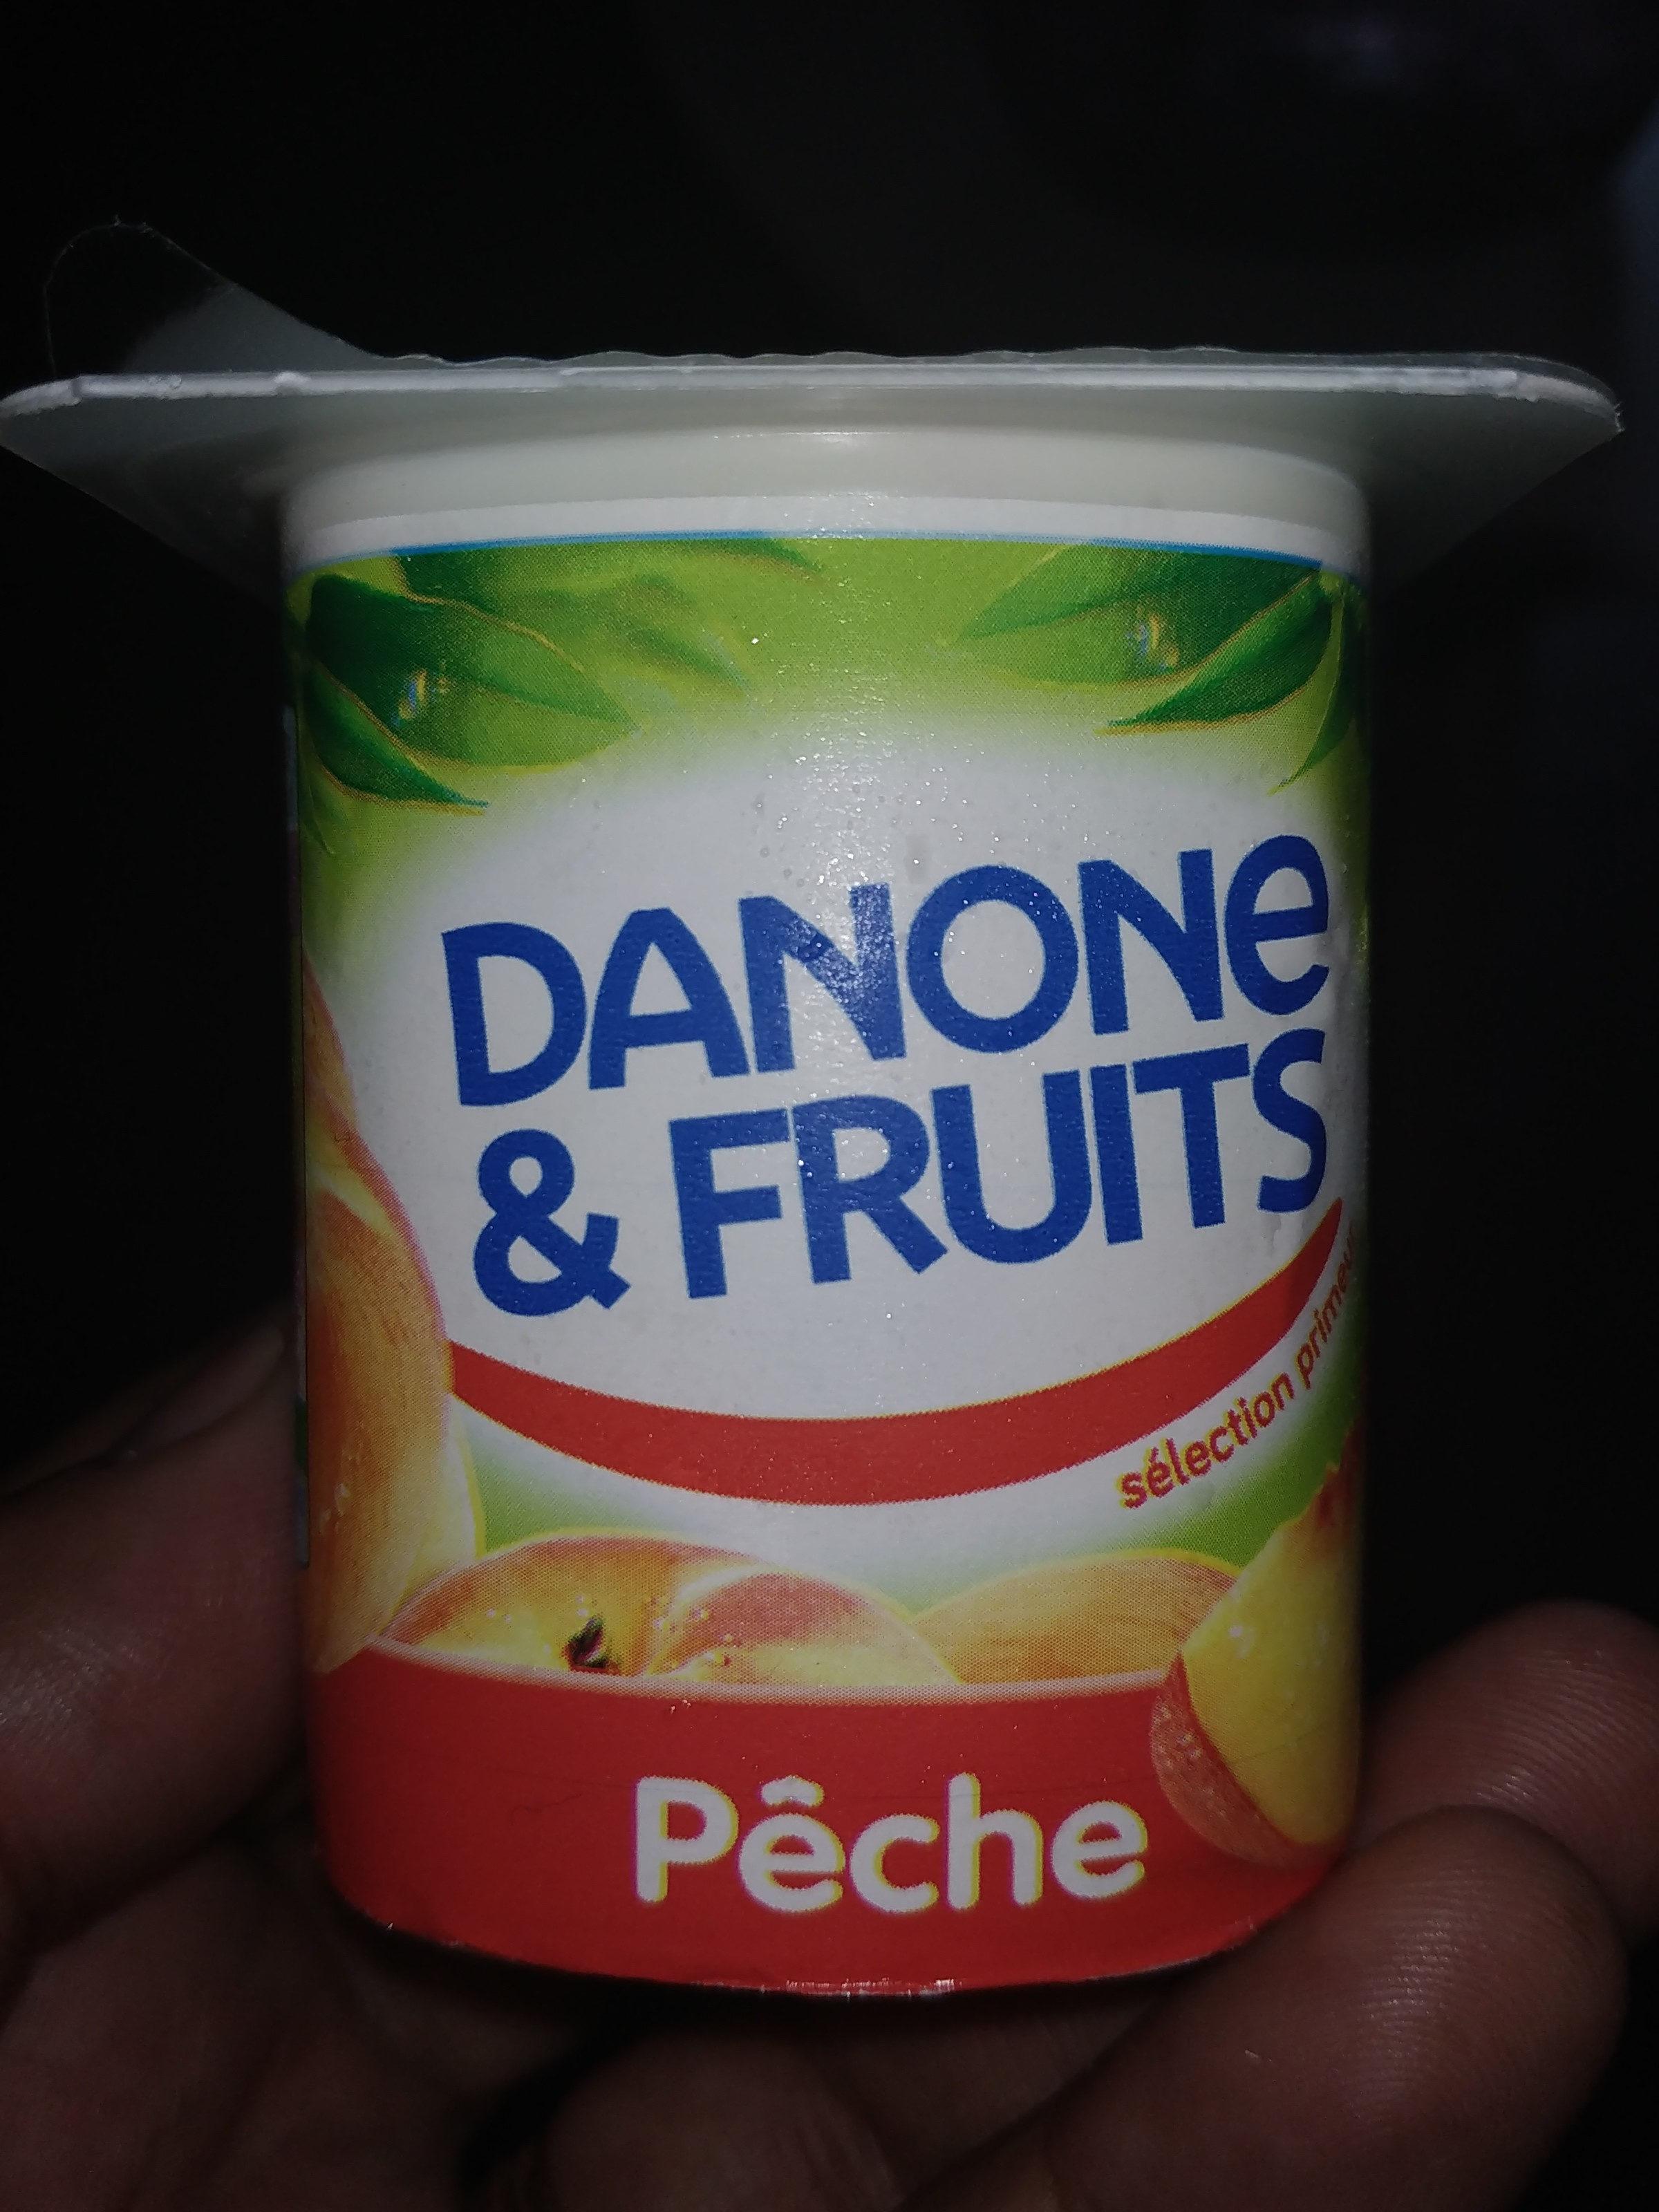 Danone et fruits - Product - fr